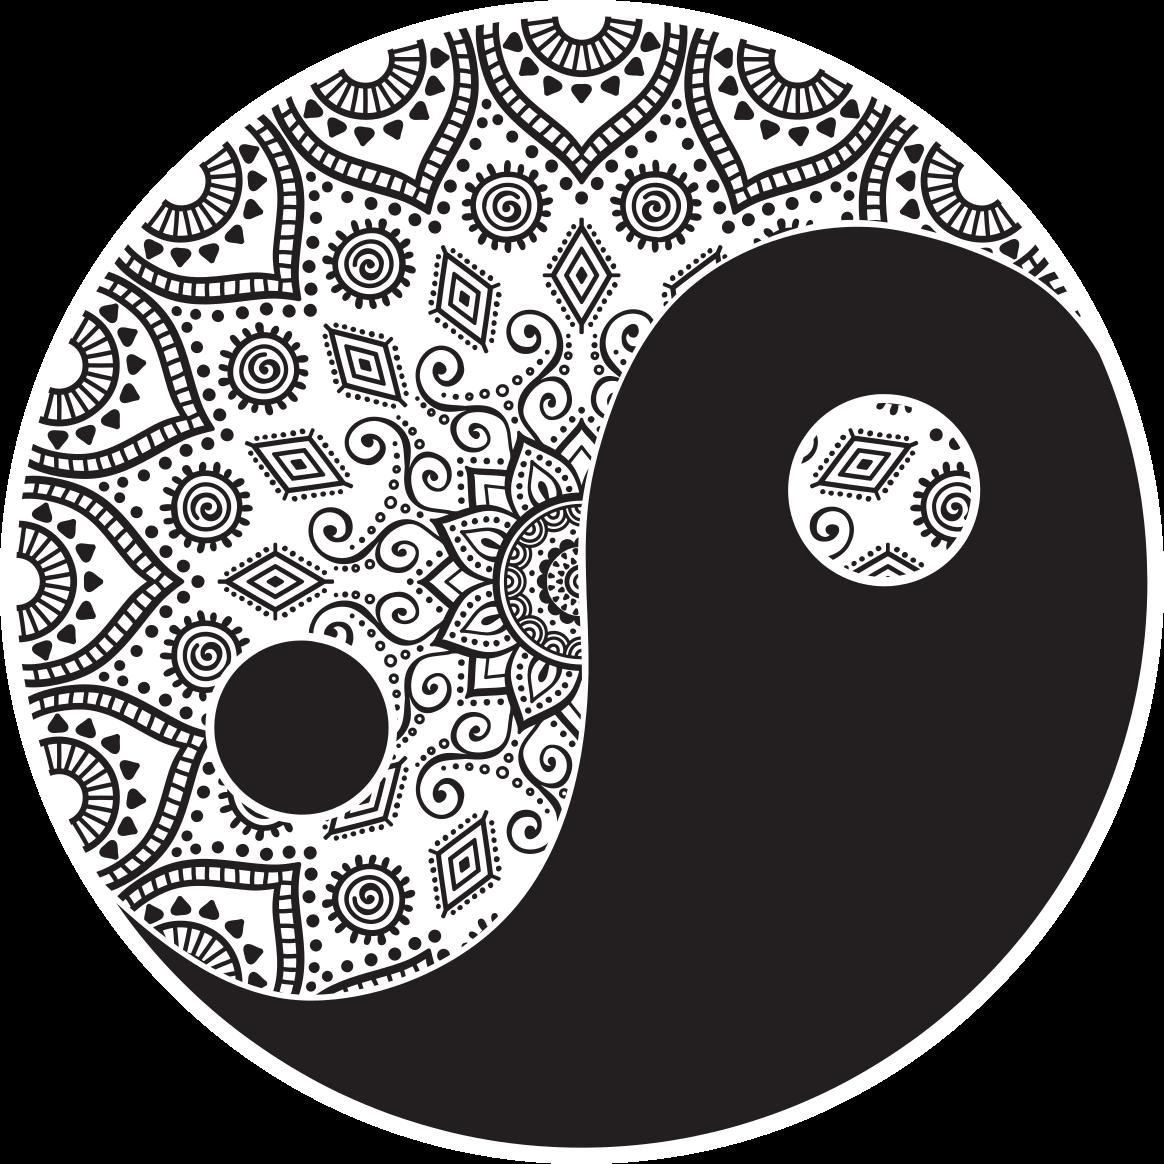 TENSTICKERS. 曼荼羅陰陽曼荼羅マット. ビニールの敷物陰陽曼荼羅。パターンは陰陽の装飾的な形を示しています。簡単に掃除できます。自分でチェックしてください!